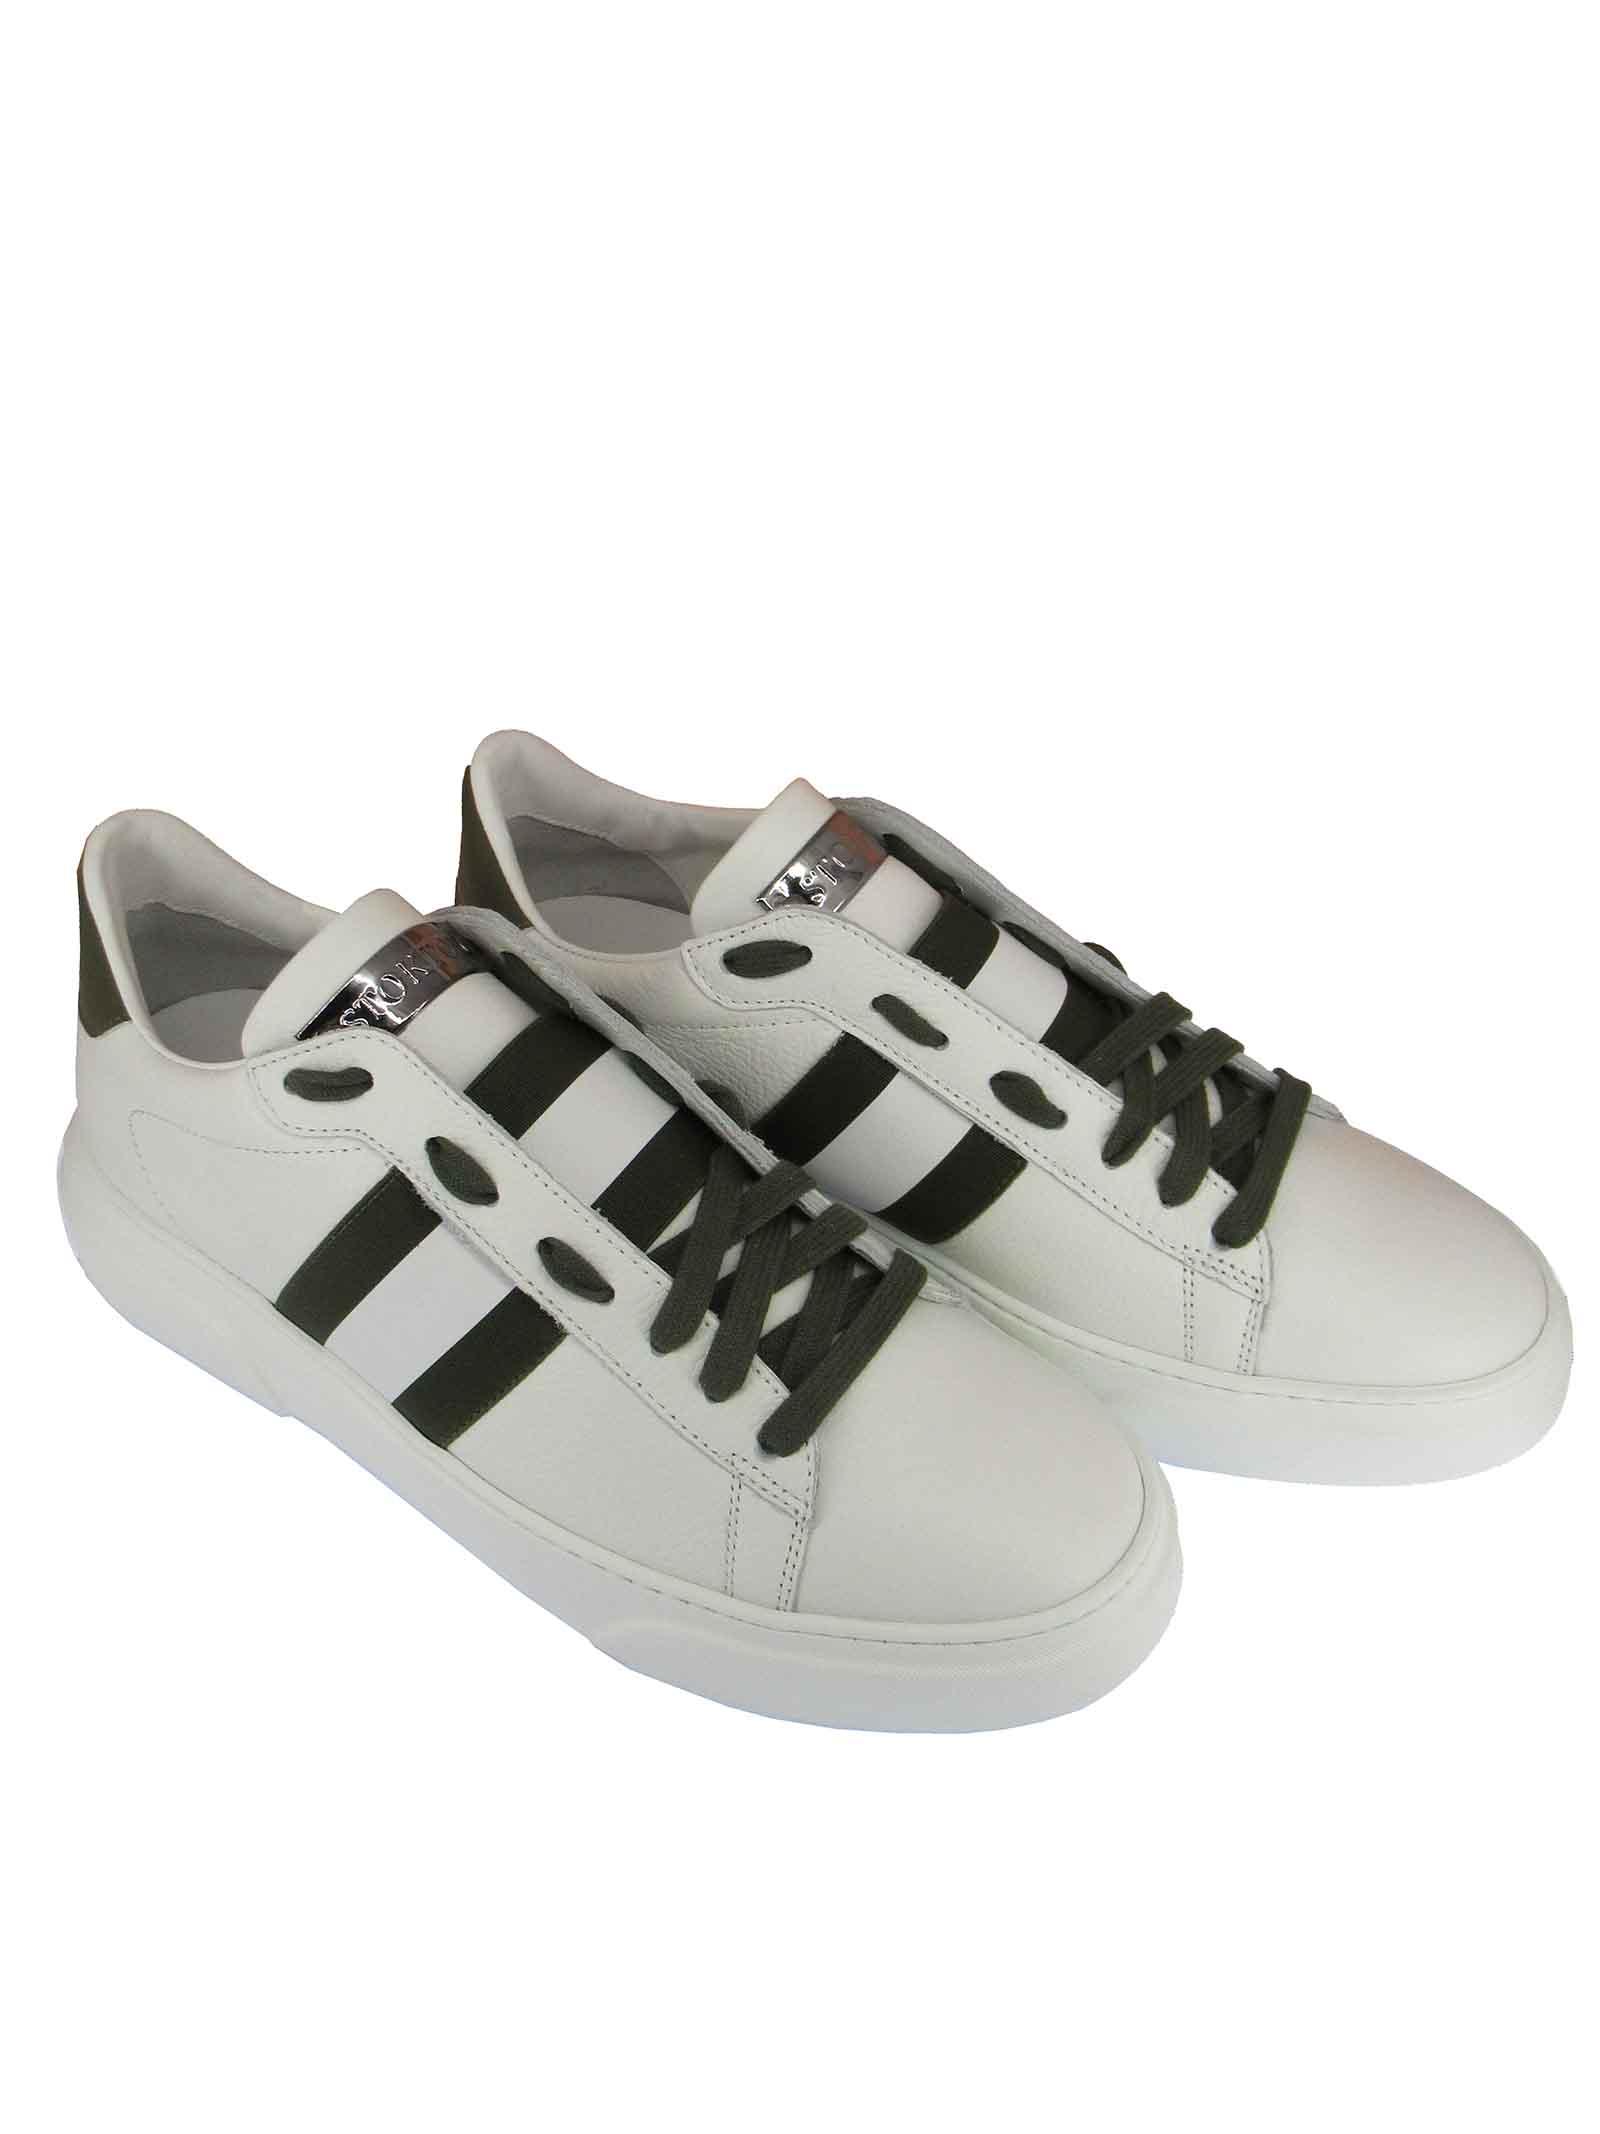 Calzature Uomo Sneakers Stringate in Pelle Bianca con Riporti in Verde e Fondo Gomma Stokton   Sneakers   650-U101